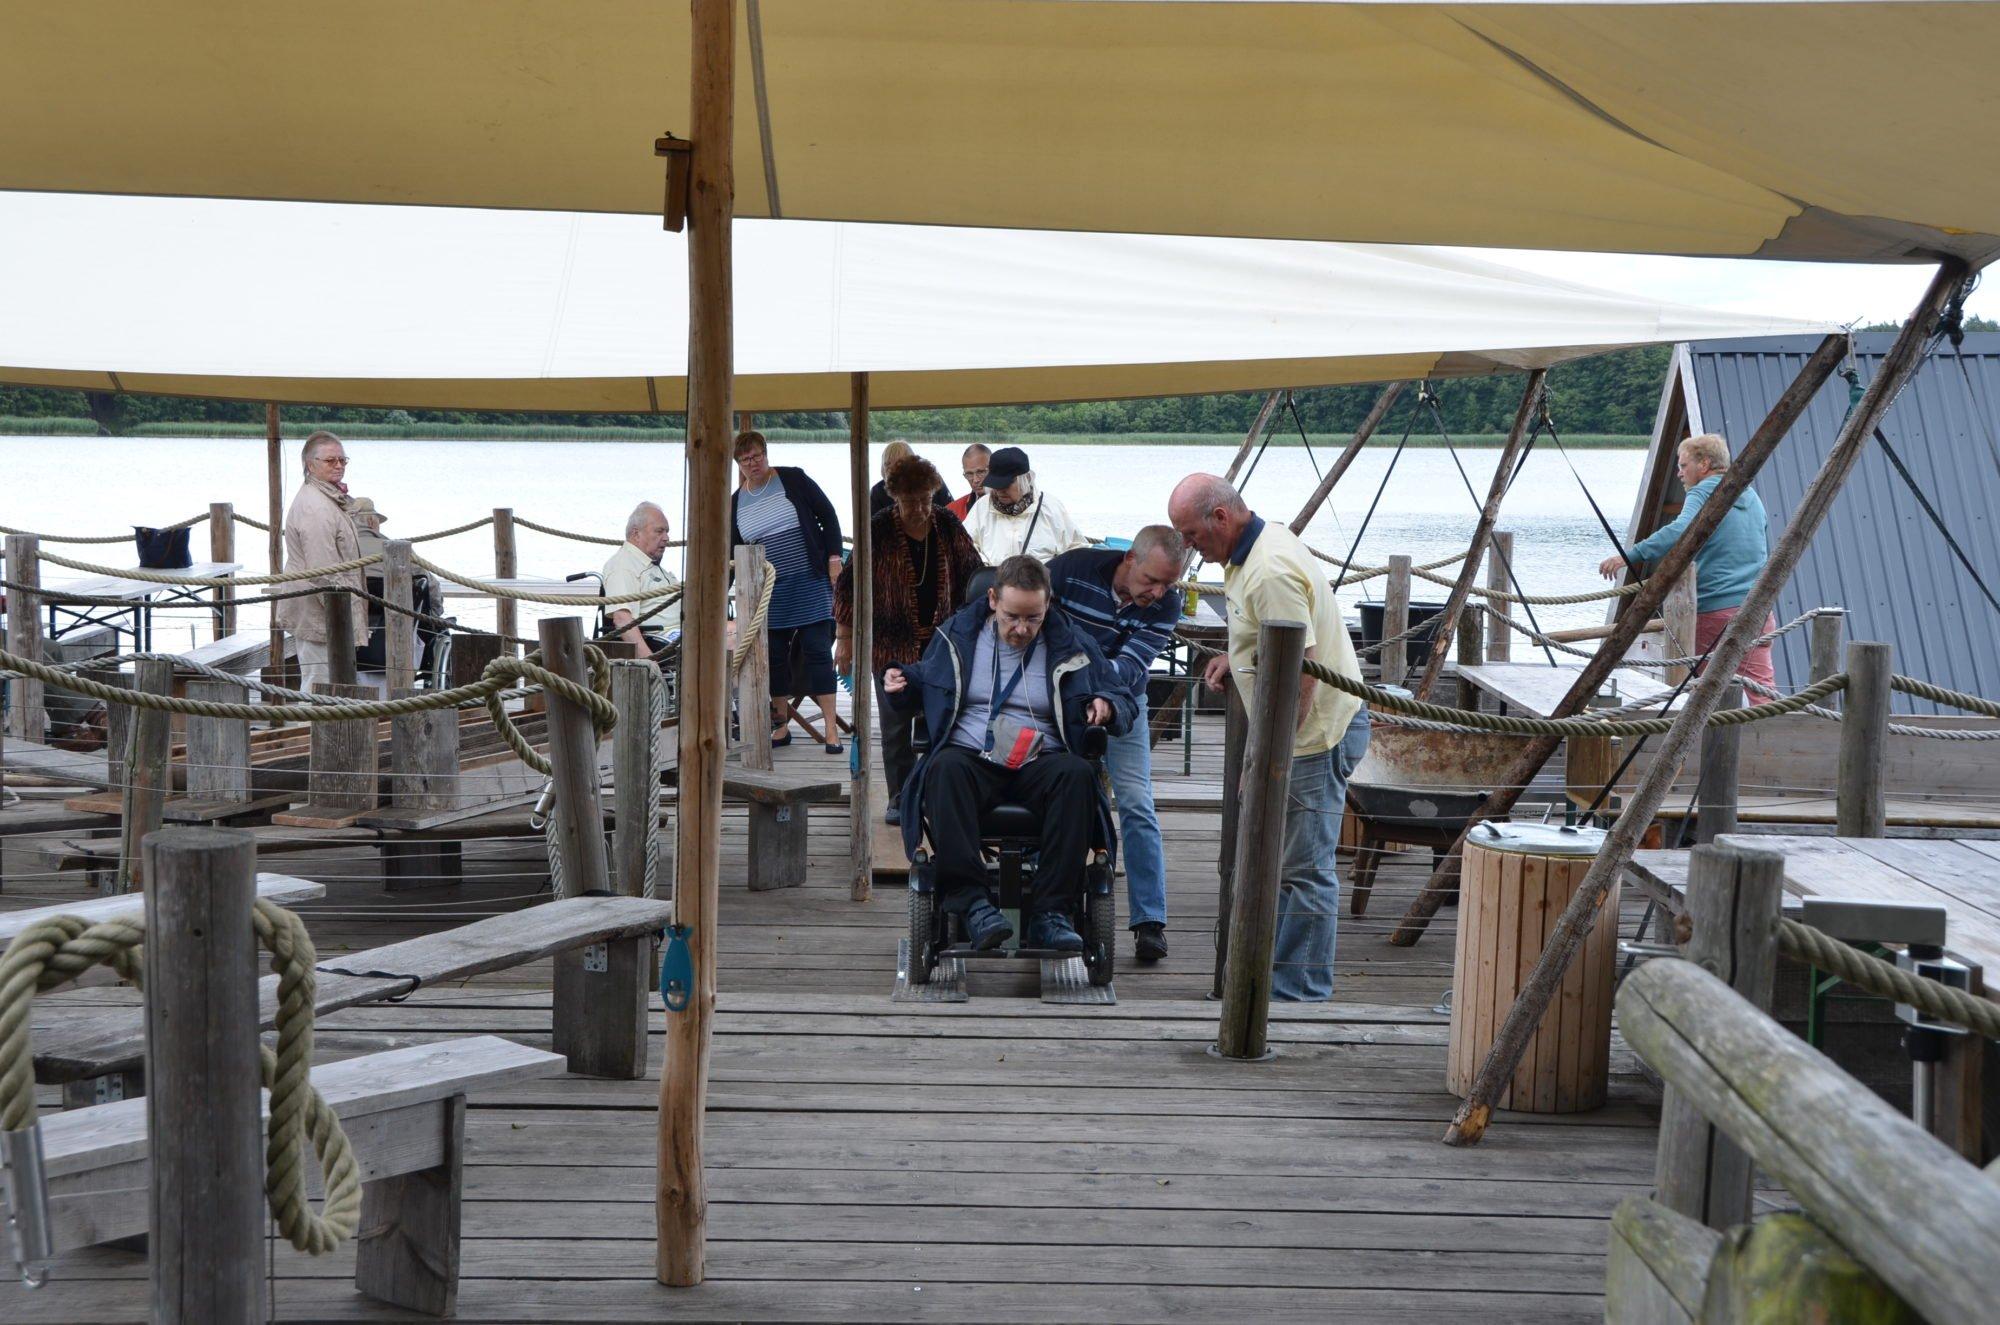 Ein E-Rollstuhl-Fahrer beim Ausstieg über die Rampen auf dem Floß.